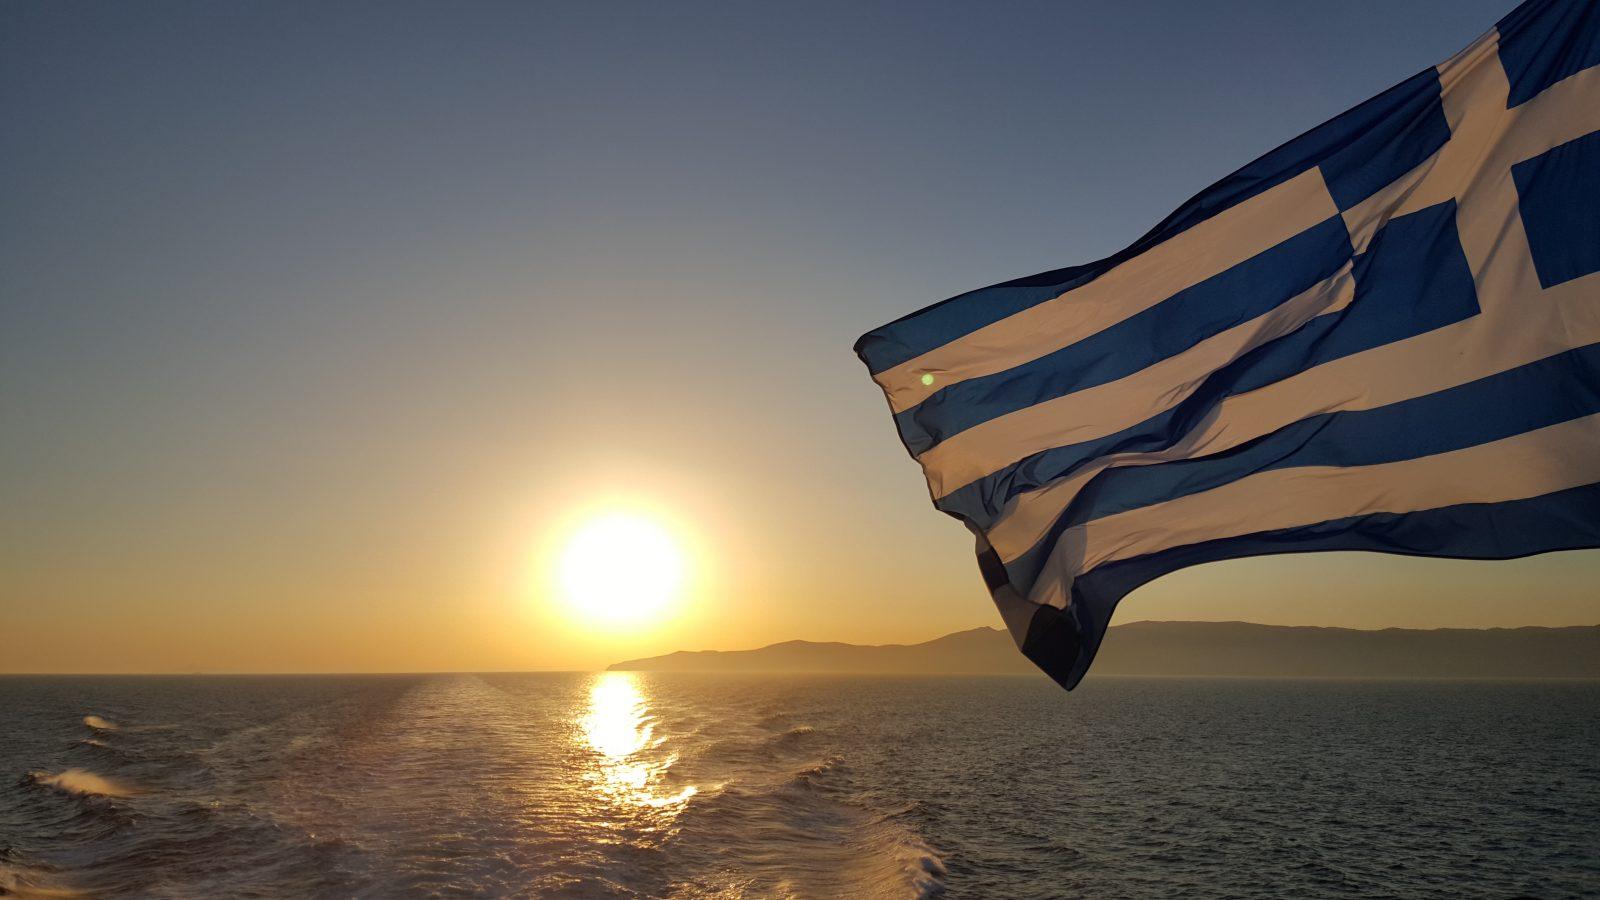 Grcka, odmor - letovanje, grcka apartmani, grcka hoteli, smestaj